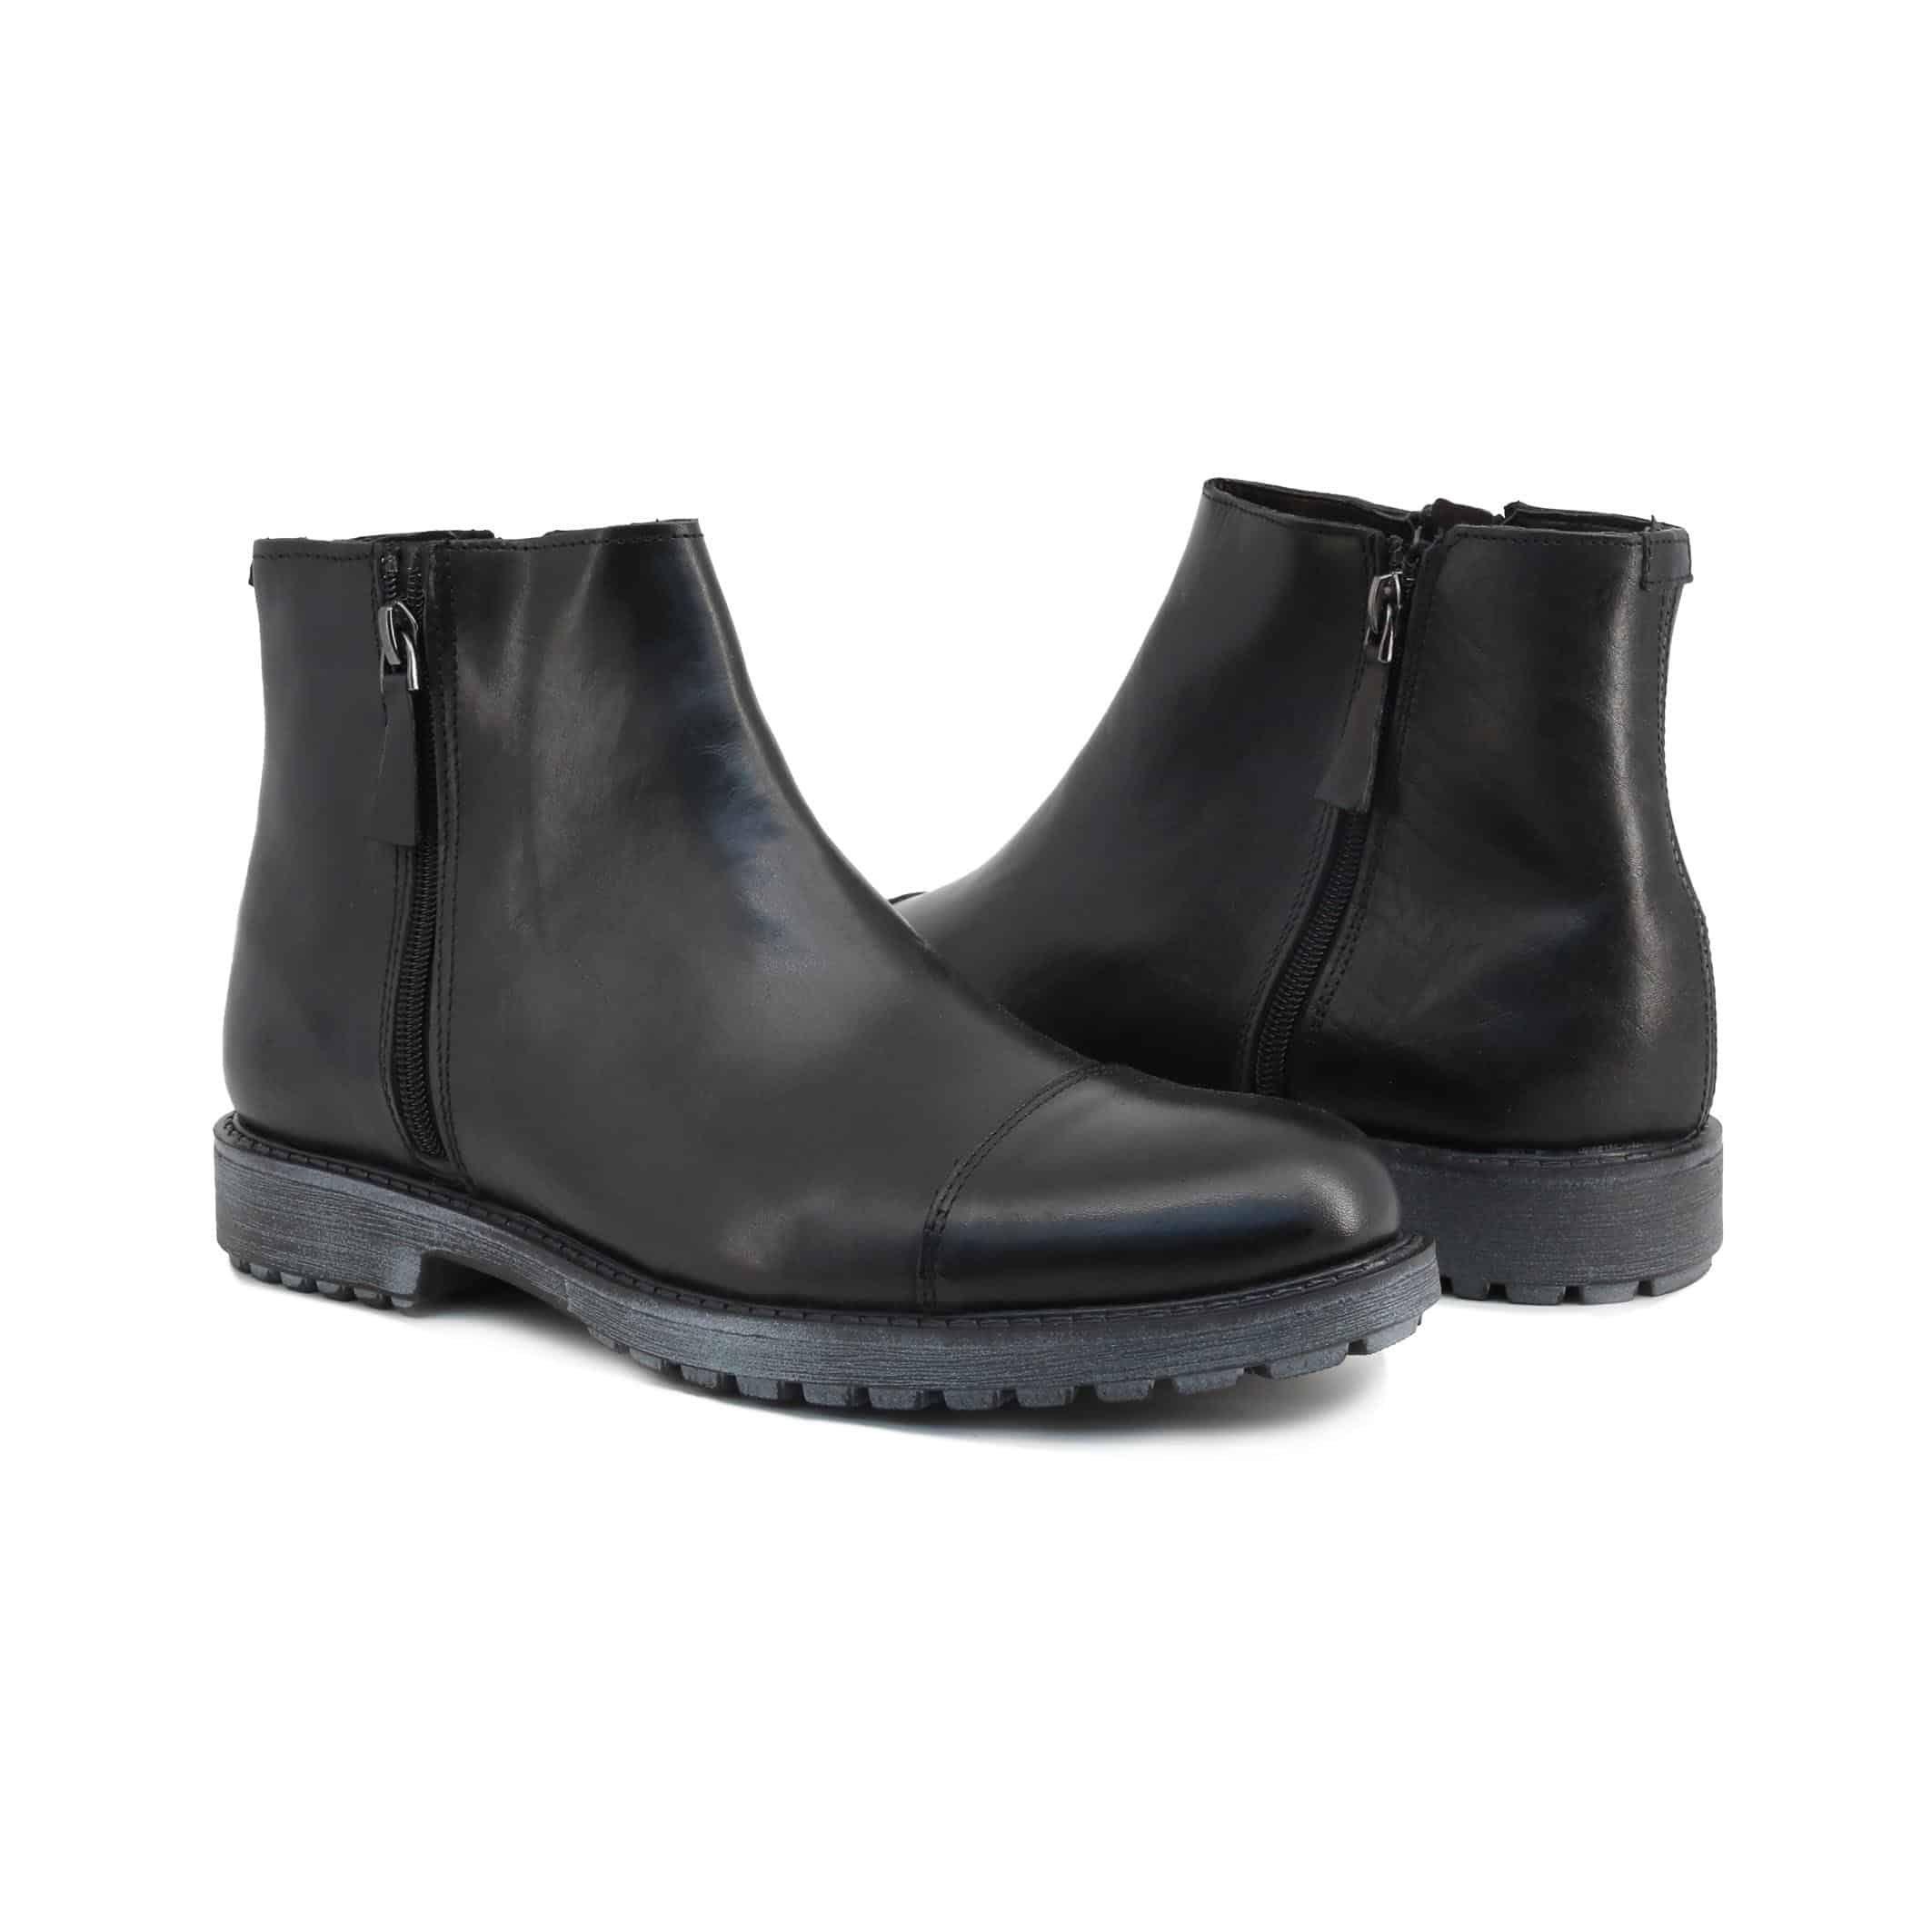 Schuhe Guido Bassi – 7849_CRUST – Schwarz